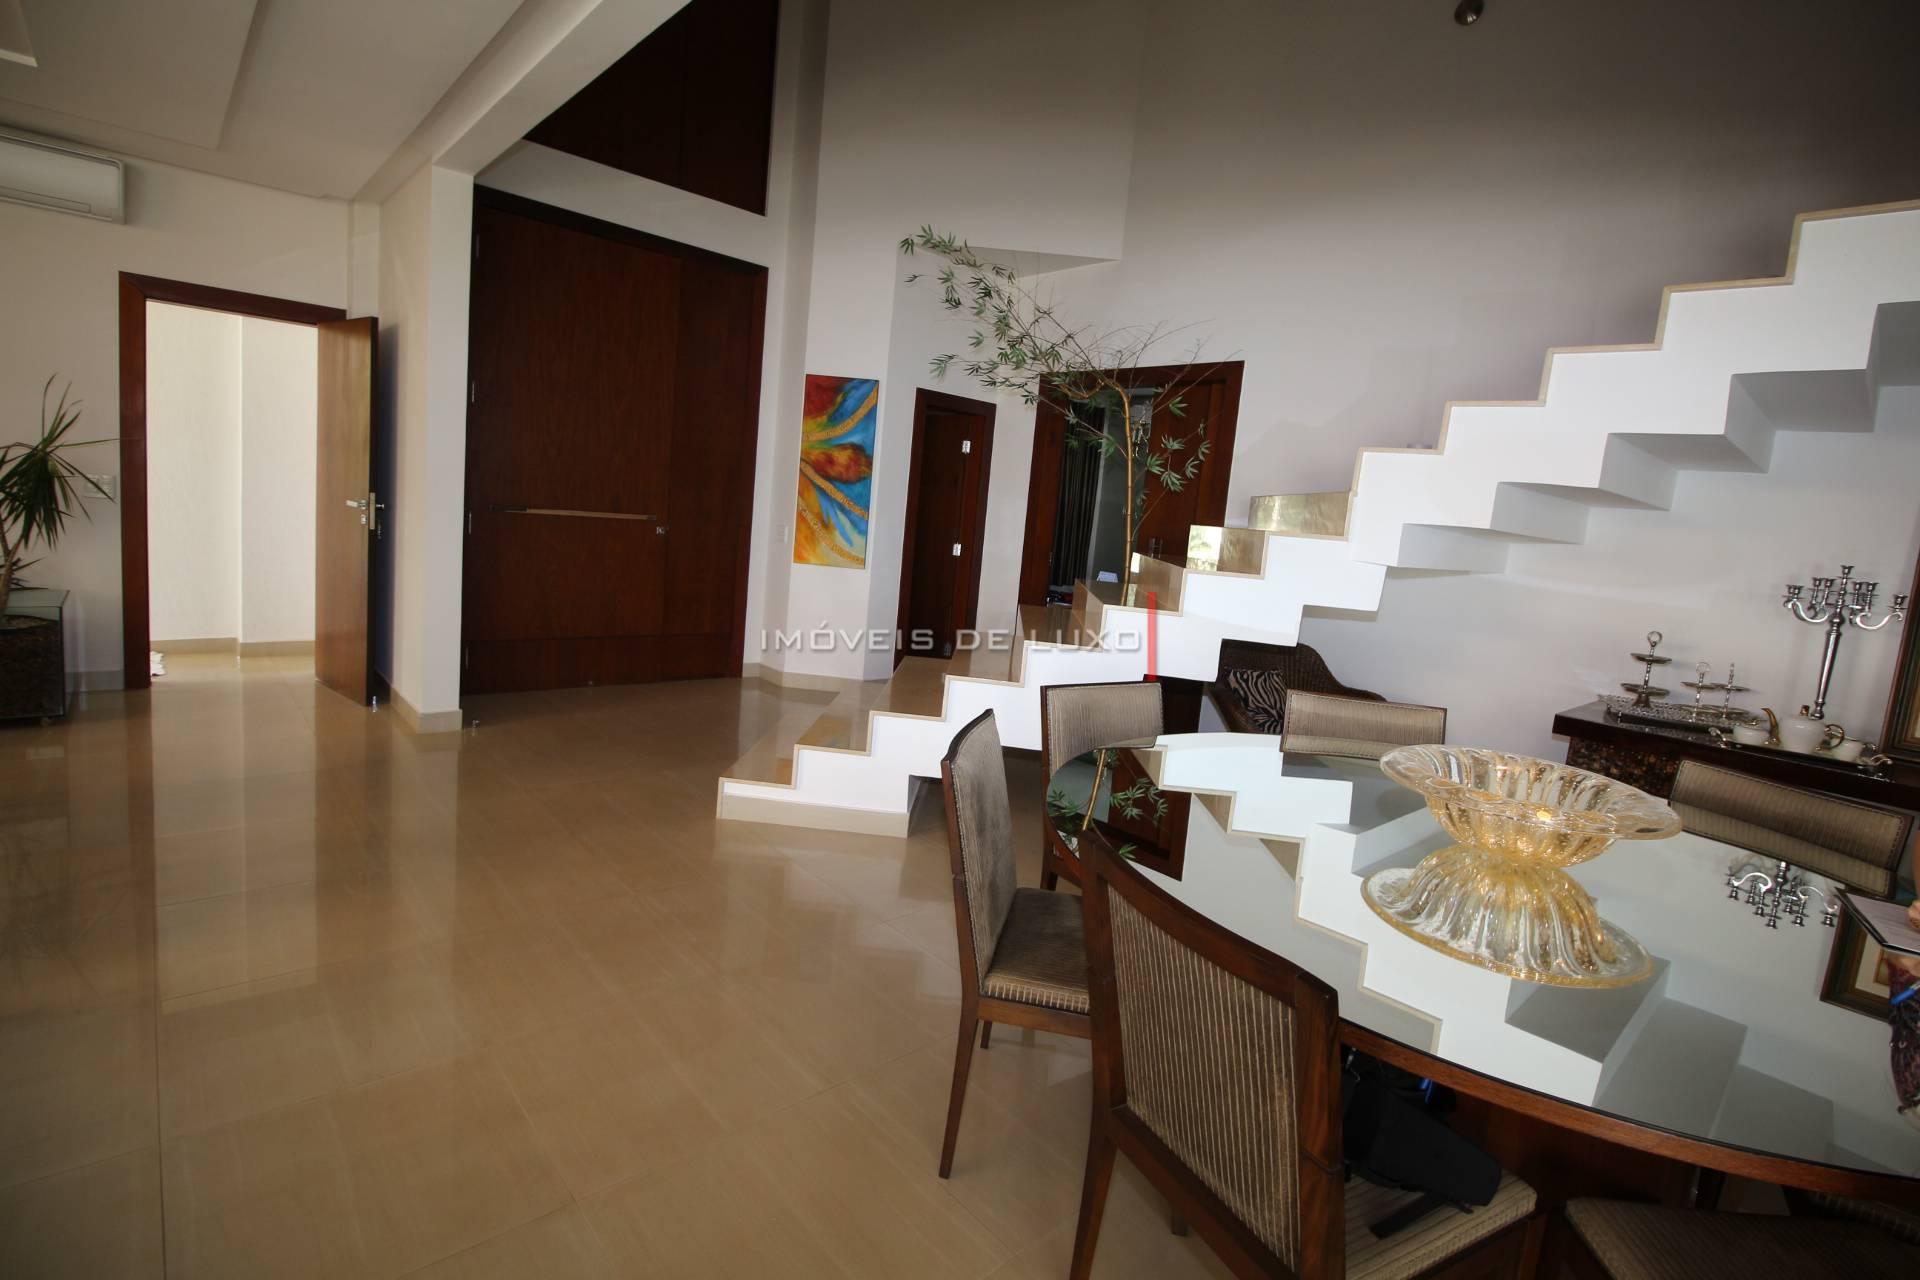 Imóveis de Luxo - Maravilhoso sobrado no Alphaville Cruzeiro